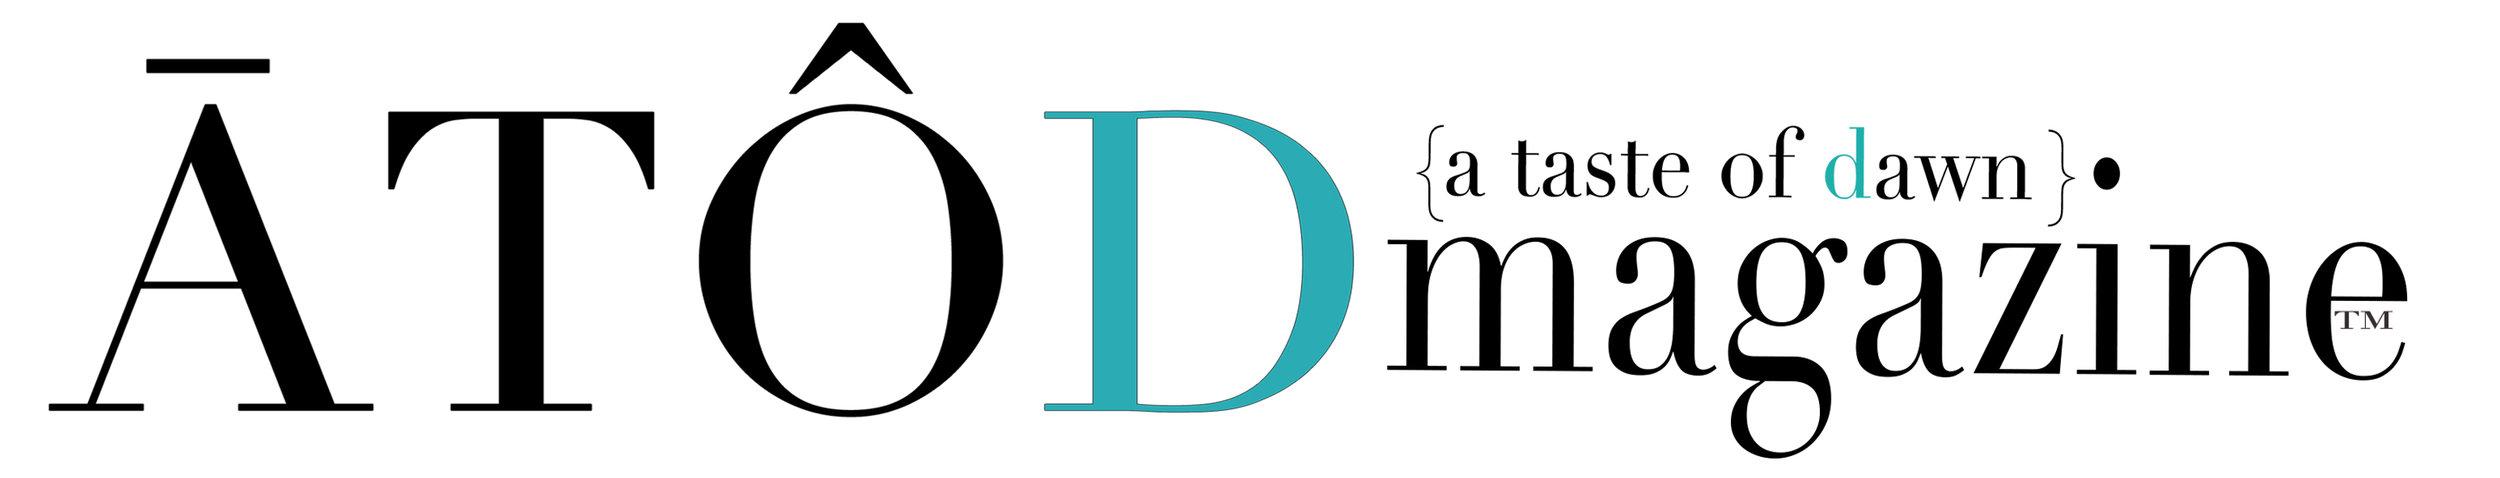 Editor, Dawn Garcia